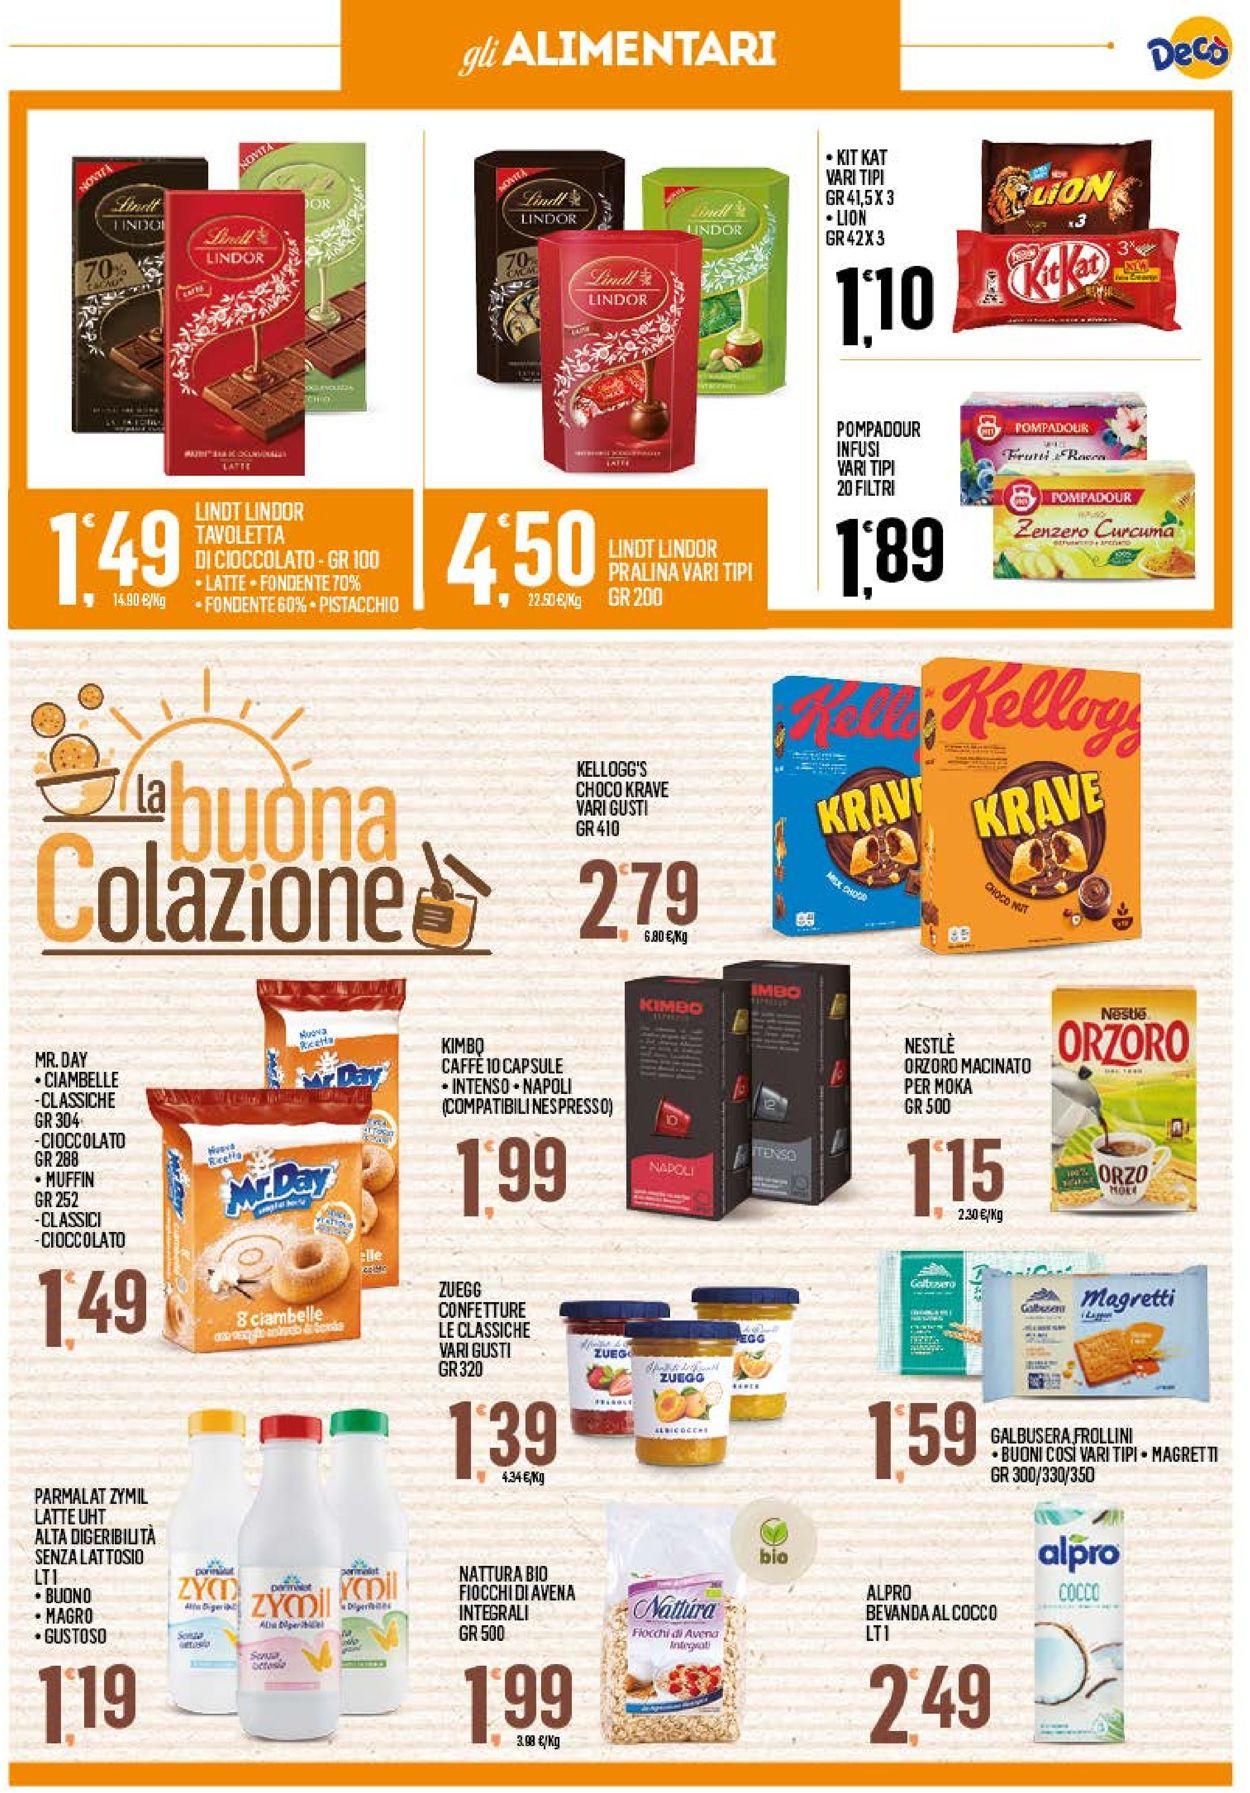 Volantino Deco Supermercati - Offerte 09/02-18/02/2021 (Pagina 15)